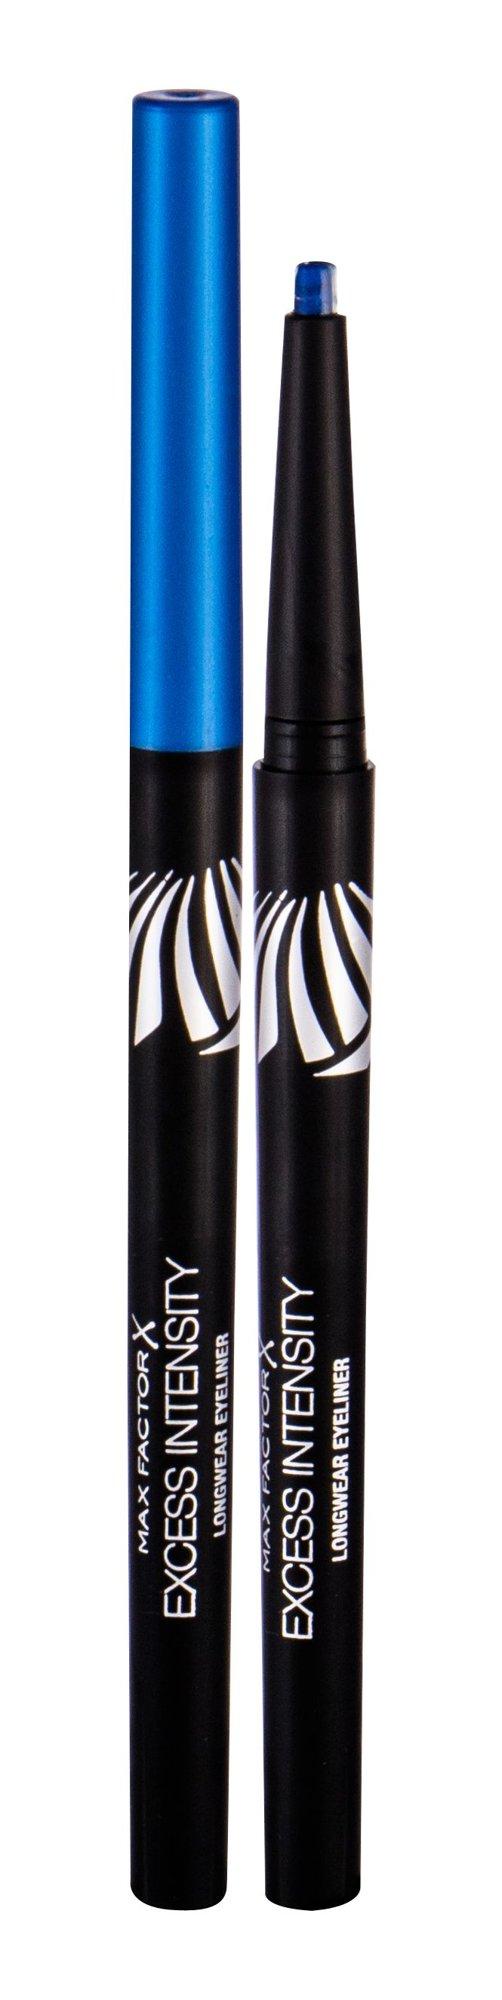 Max Factor Excess Intensity Eye Pencil 2ml 09 Cobalt